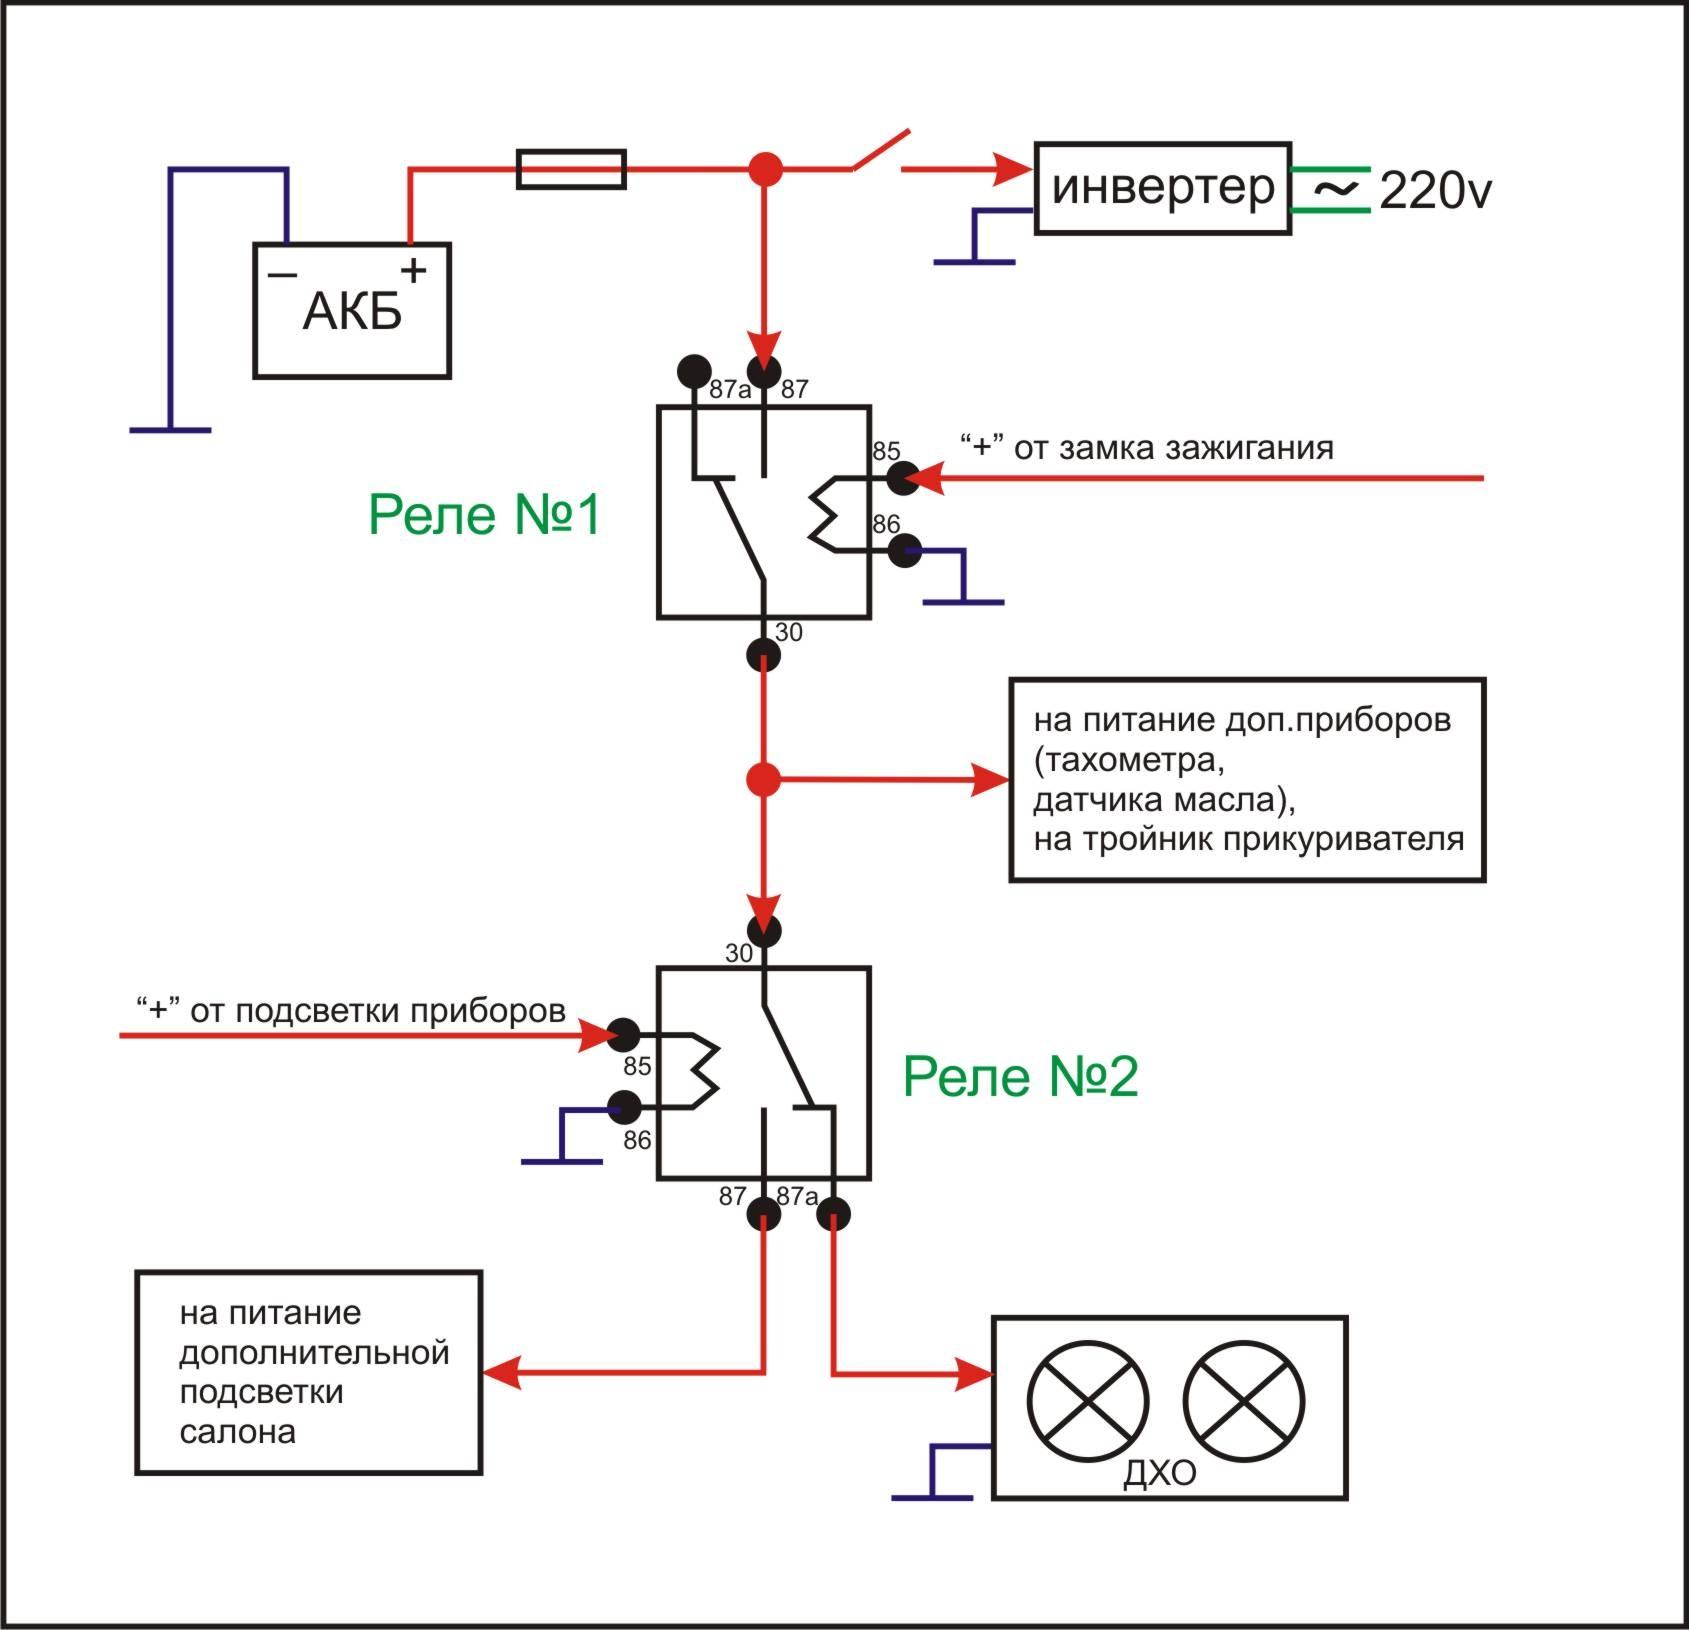 Подключение дхо схема от замка зажигания